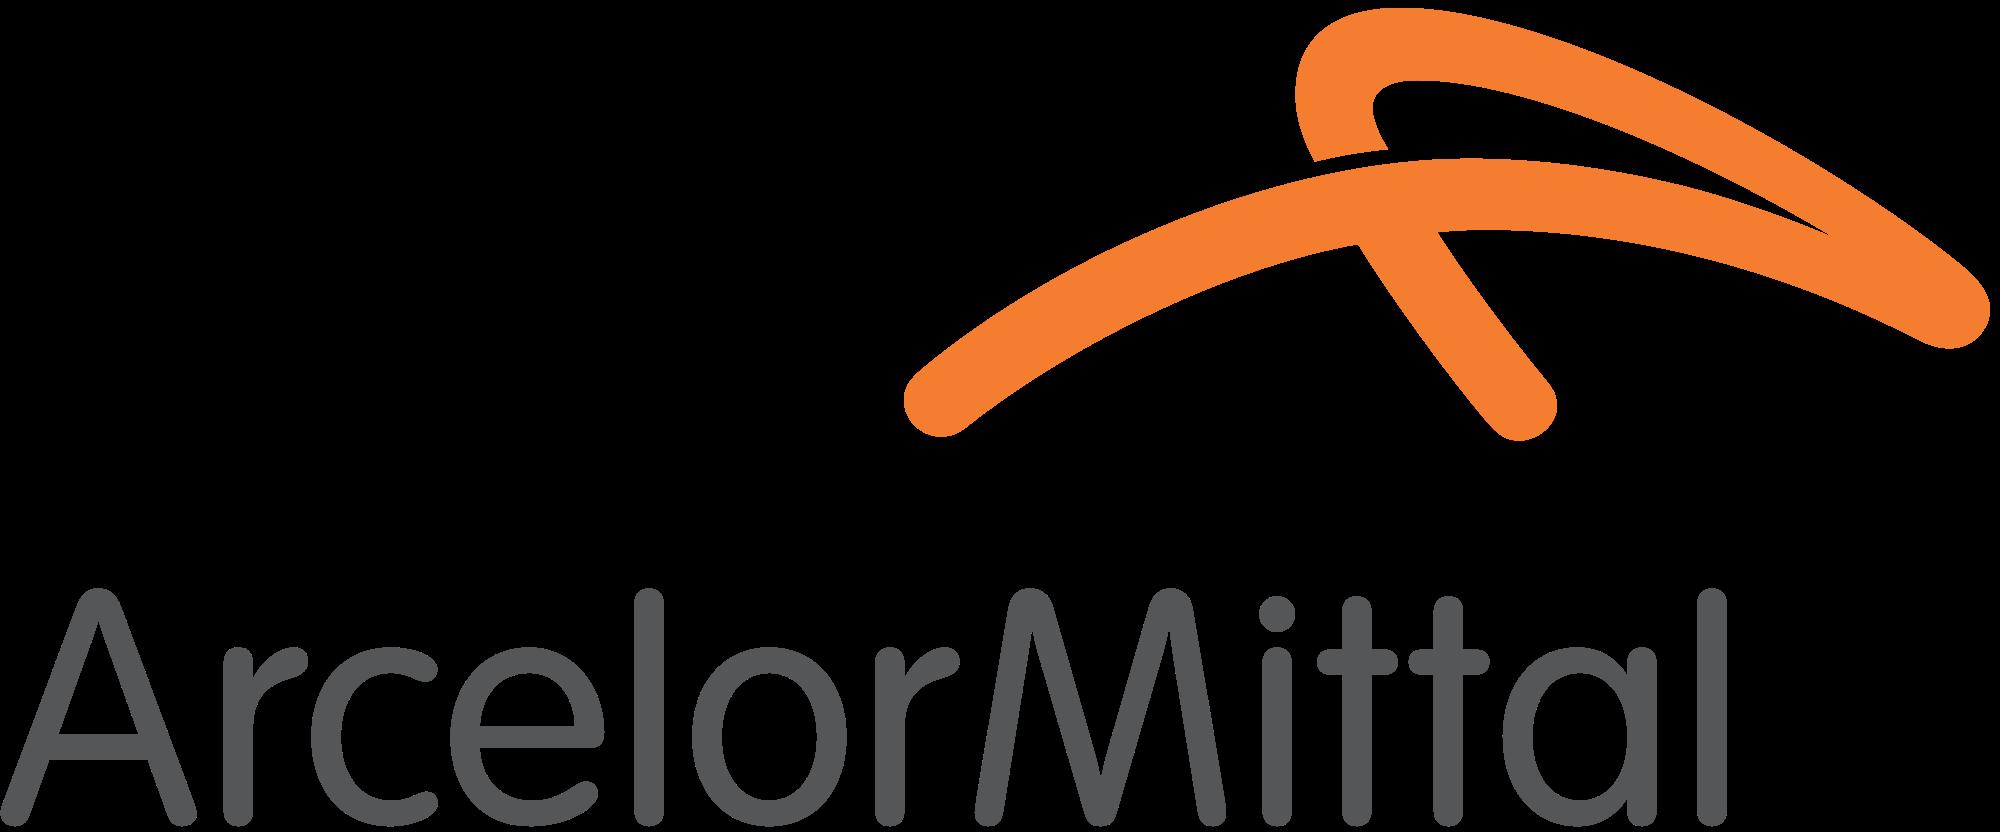 ArcelorMittal è un colosso industriale mondiale, leader nel settore dell'acciaio, nato dalla fusione di due tra le più grandi aziende del settore, la Arcelor e la Mittal Steel Company.